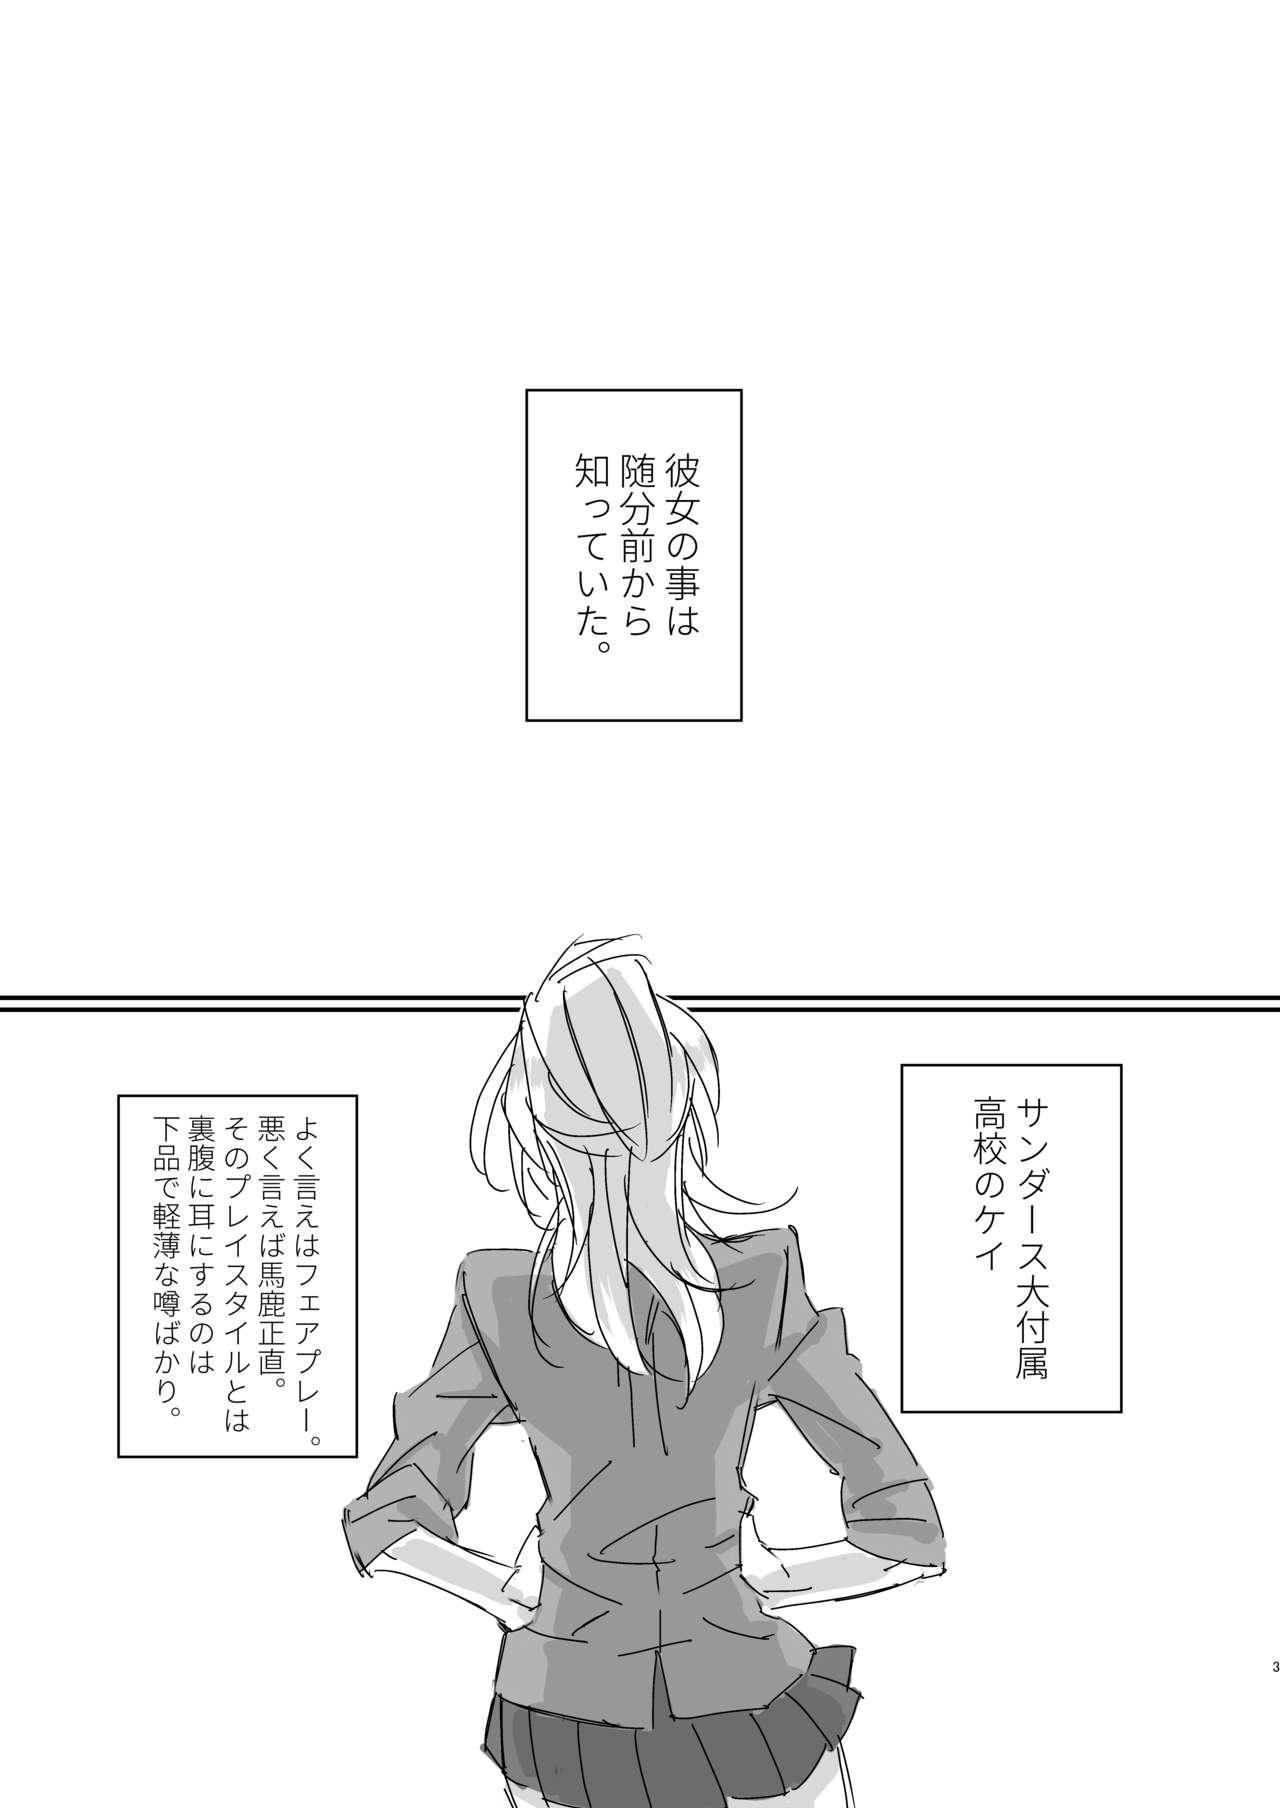 Zutto Kijo ni Koishiteta. 1